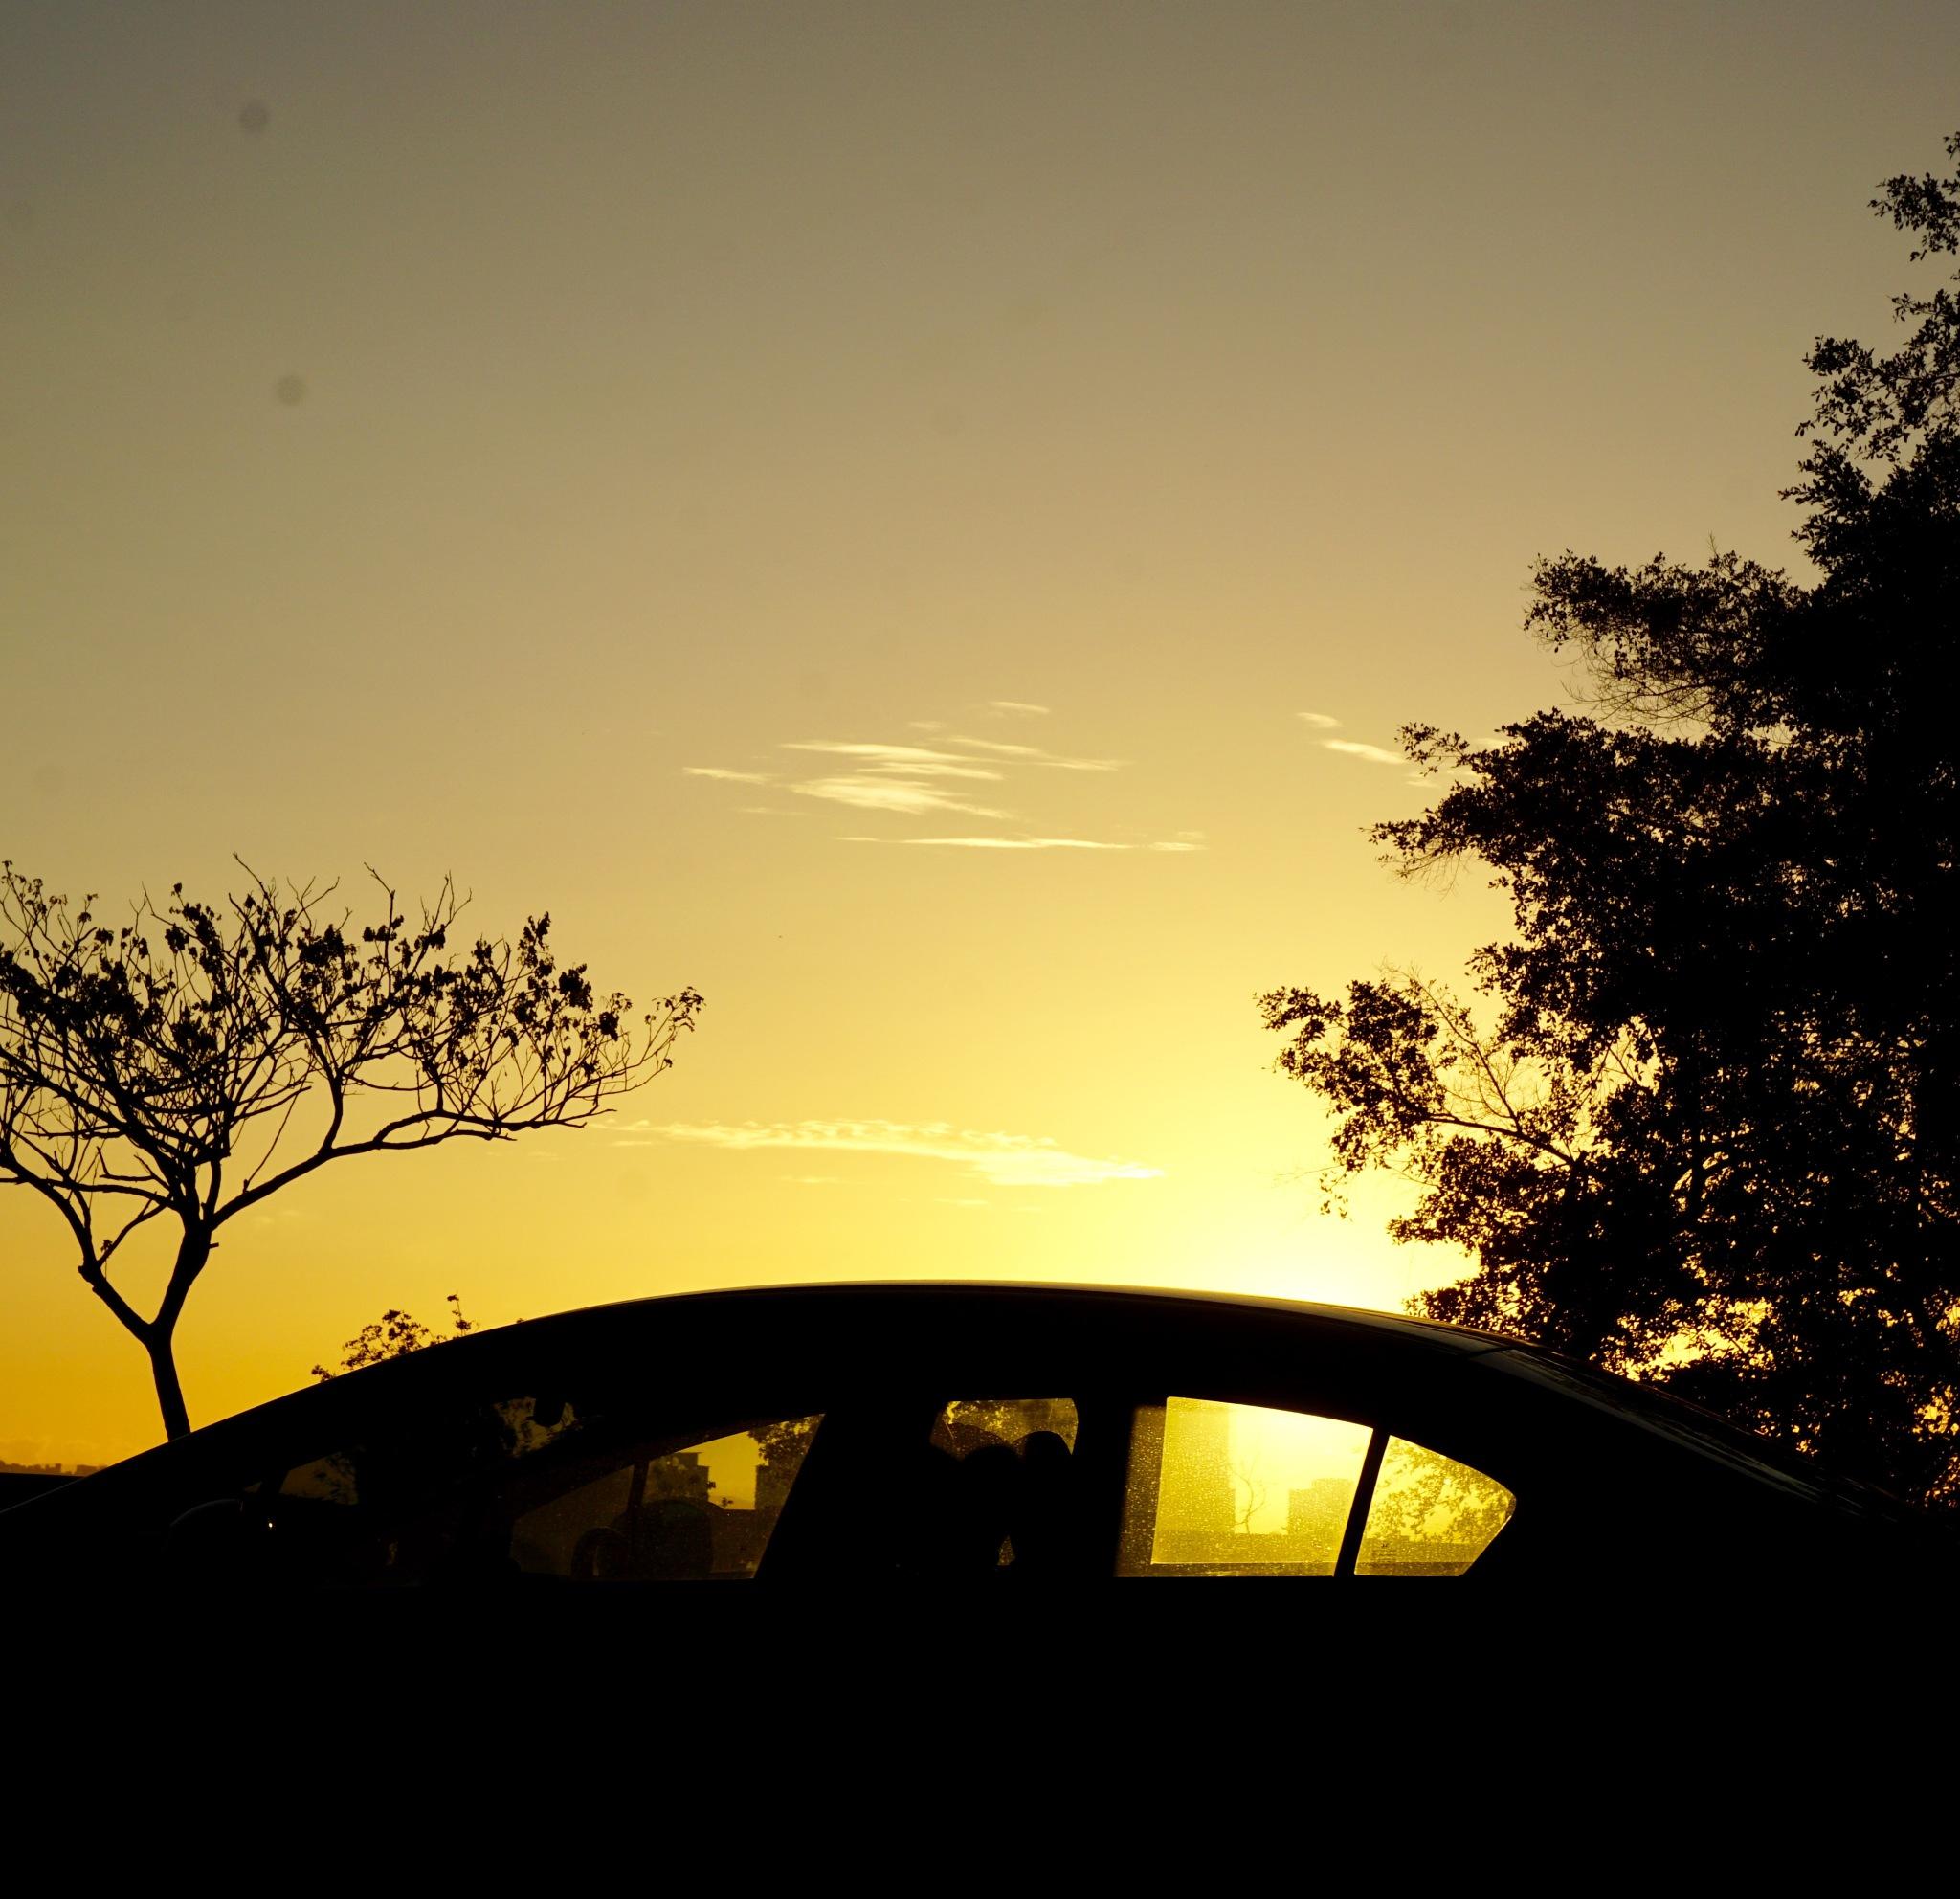 just sunrise by maryyeo_28